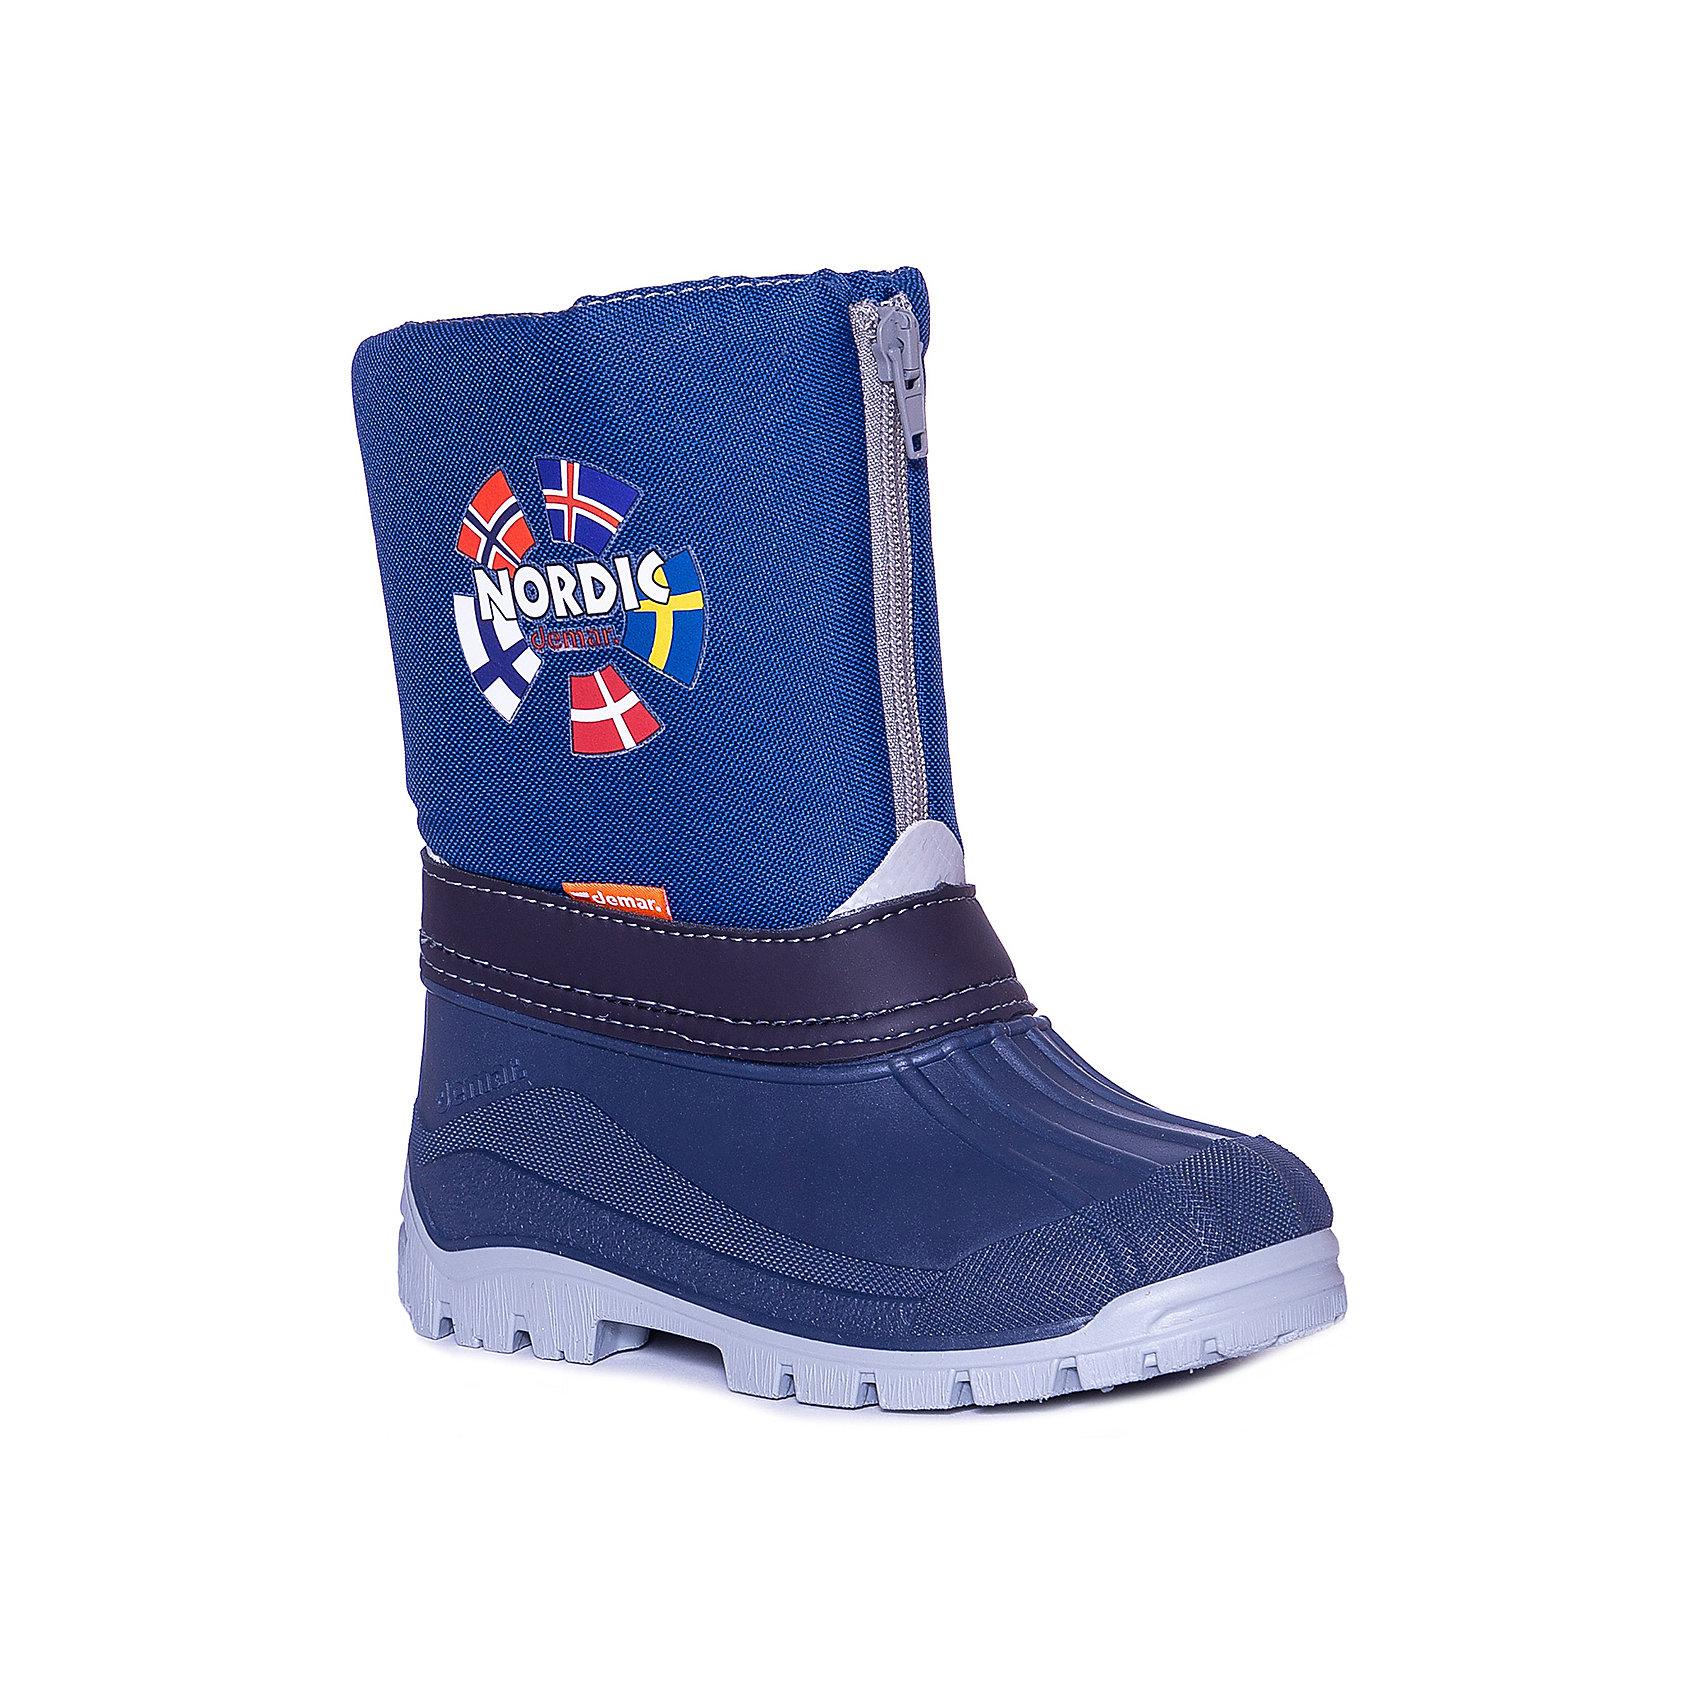 Сапоги для мальчика DEMARСапоги для мальчика DEMAR.<br>Зимняя модель сапог NEW NORDIC - натуральная овечья шерсть. <br>Материал верха: нейлон с грязе- и водо-отталкивающей пропиткой, низ обуви прорезиненный, что обеспечит сухость ножек. <br>Cапоги на молнии, сверху кулиска. <br>Подошва обуви: специальный термокаучук, который имеет уникальные гибкие и эластичные свойства, даже при низкой температуре.<br>Антискользящая подошва из термокаучука.<br>Застежка молния, значительно упрощает и облегчает процесс одевания и снятия обуви. Есть также фиксатор, затянув который, можете быть уверены, что снег не залетит внутрь.<br>Сапоги утепленные натуральной овчьей шерстью, а это гарантия, что ножки Вашего ребенка будут теплые, даже при очень низкой температуре.<br>Сертифицированы, гарантия качества.<br>Идеальный вариант для зимних прогулок, катания на санках.<br>Состав: Материал верха: текстильный материал. Материал подкладки: натуральная шерсть.  Материал подошвы: ТЭП<br><br>Ширина мм: 257<br>Глубина мм: 180<br>Высота мм: 130<br>Вес г: 420<br>Цвет: синий<br>Возраст от месяцев: 60<br>Возраст до месяцев: 72<br>Пол: Мужской<br>Возраст: Детский<br>Размер: 29/30,33/34,31/32,25/26,35/36<br>SKU: 4948815